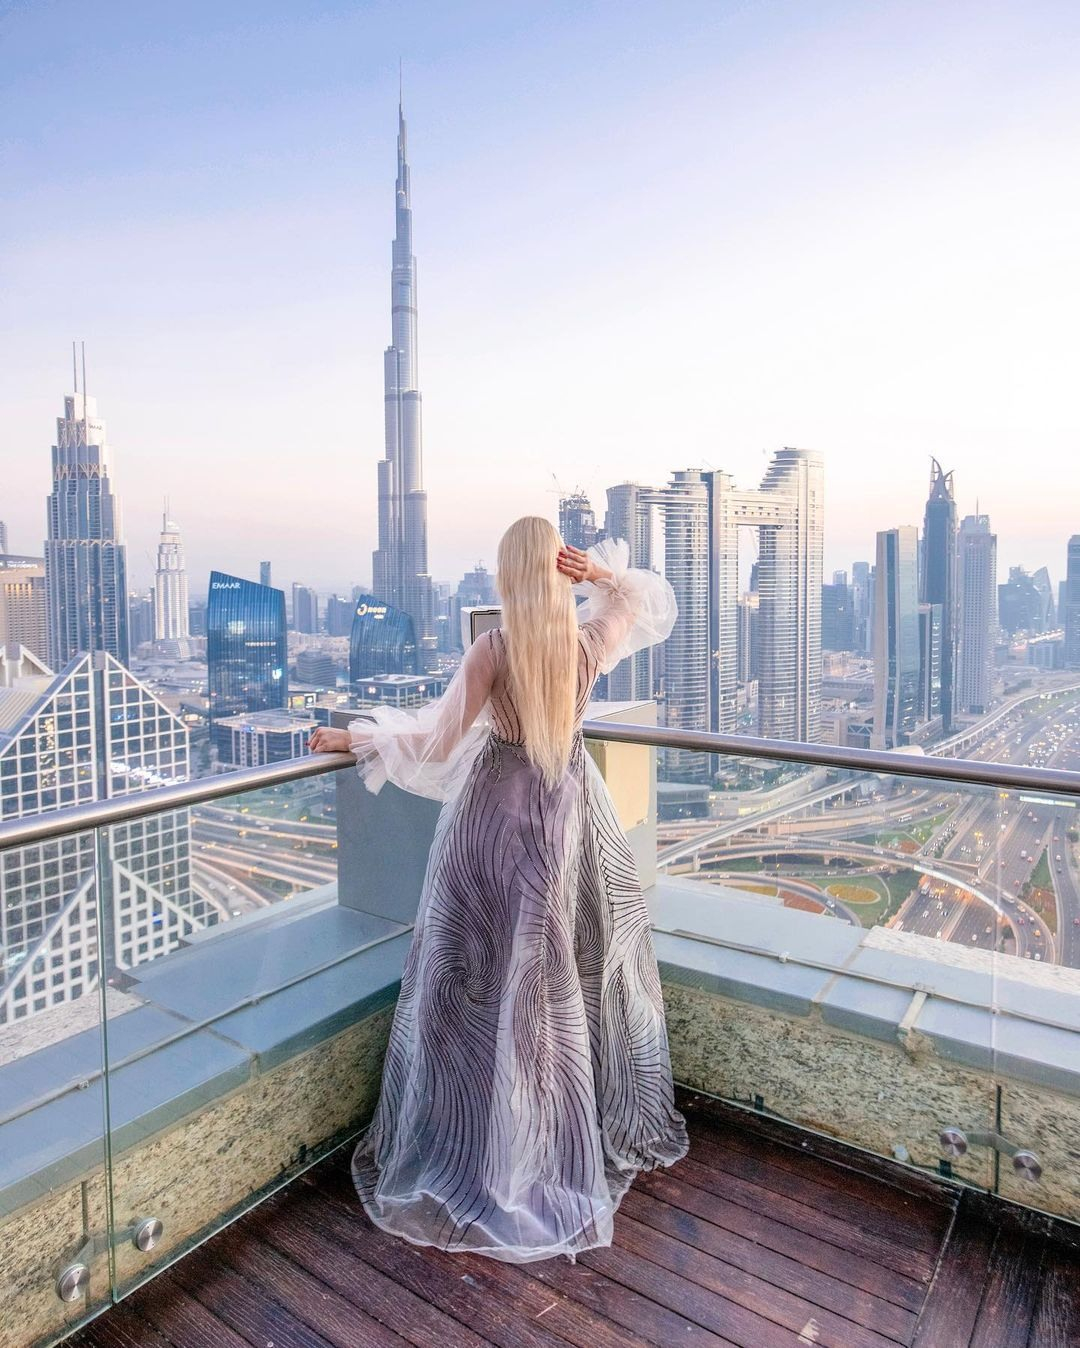 Отель в Дубае со смотровой площадкой для инстаграм фото